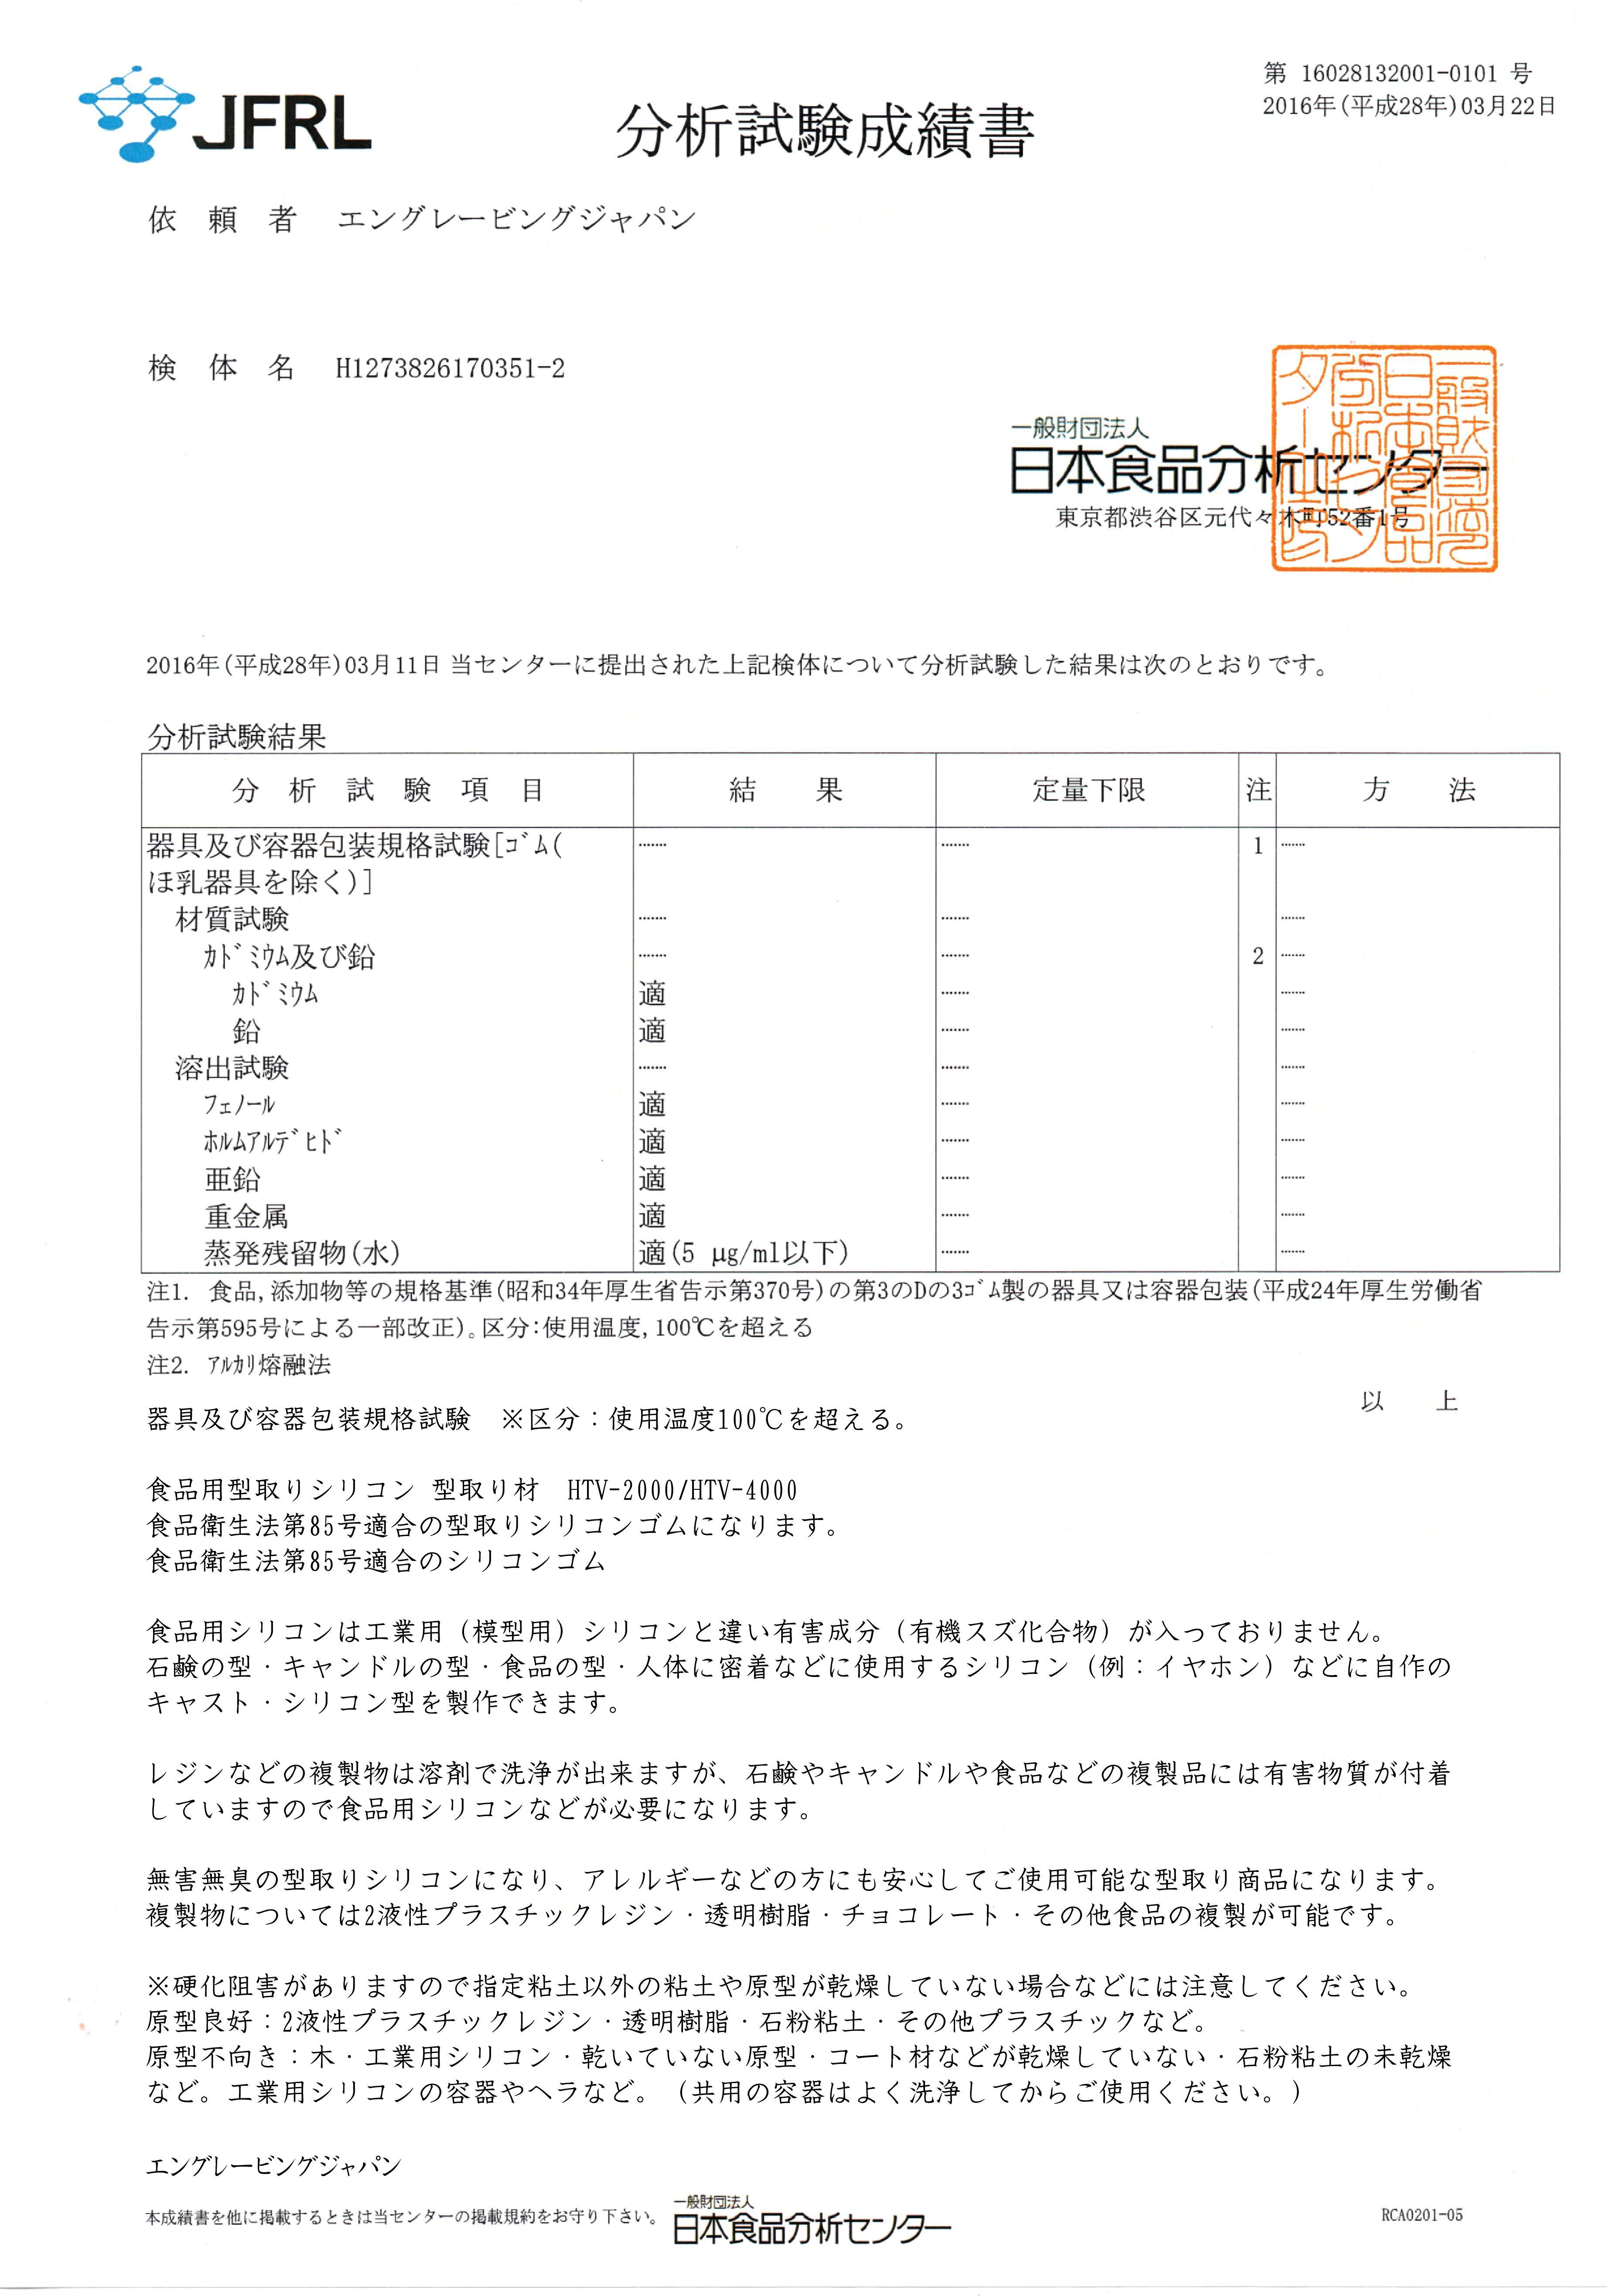 【食品用シリコン】HTV-2000 PINK 硬さ:柔らかめタイプ 1箱[1KGセット×10缶]